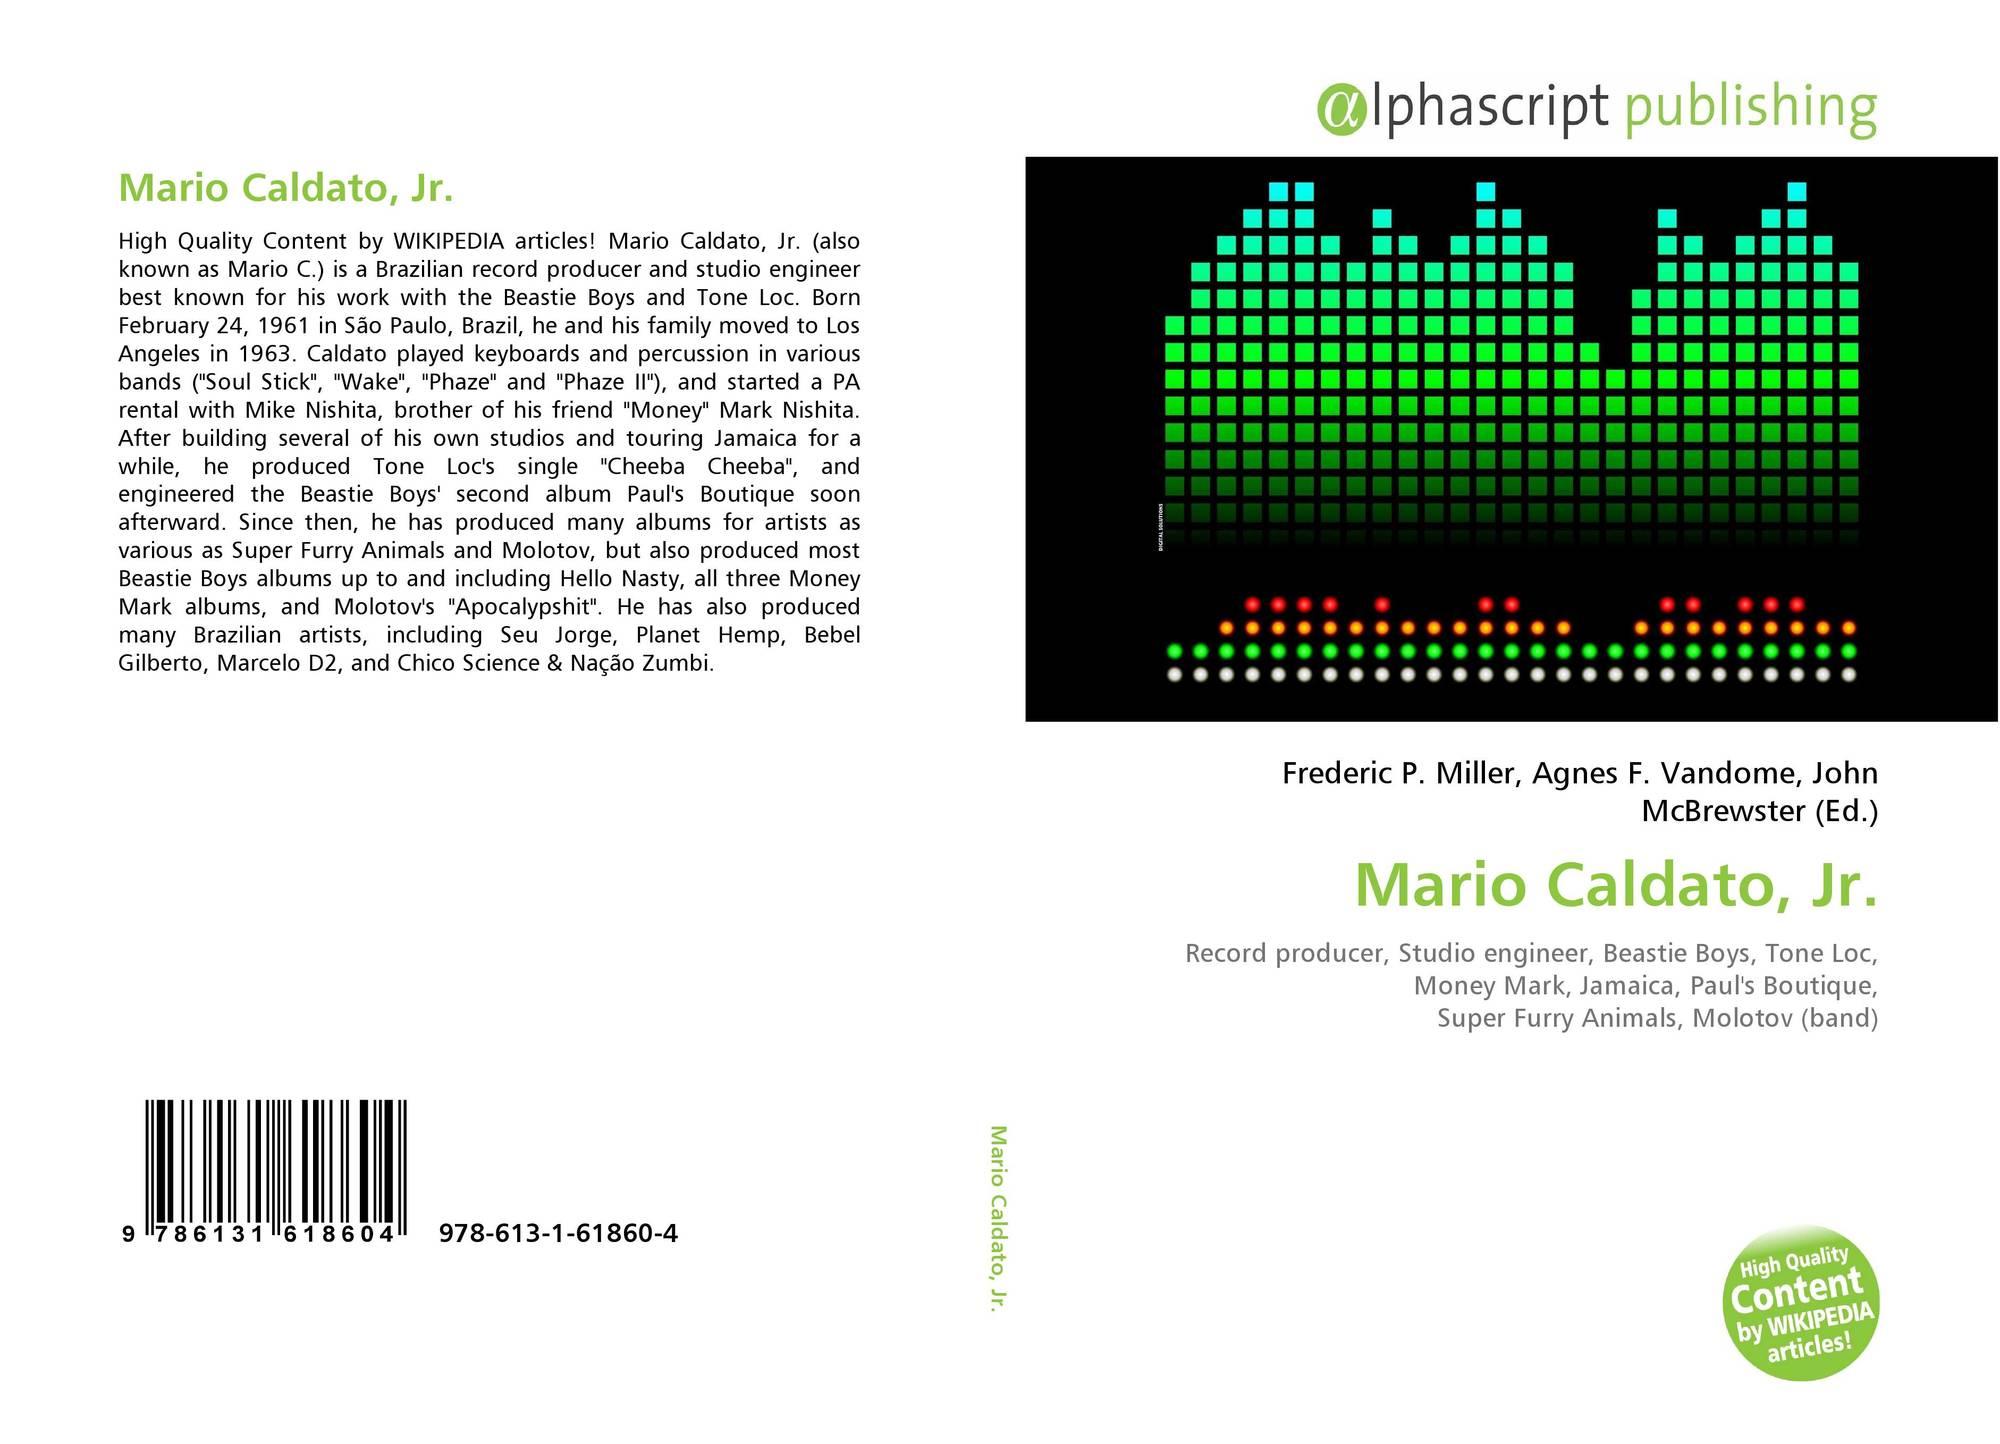 Mario Caldato, Jr , 978-613-1-61860-4, 6131618607 ,9786131618604